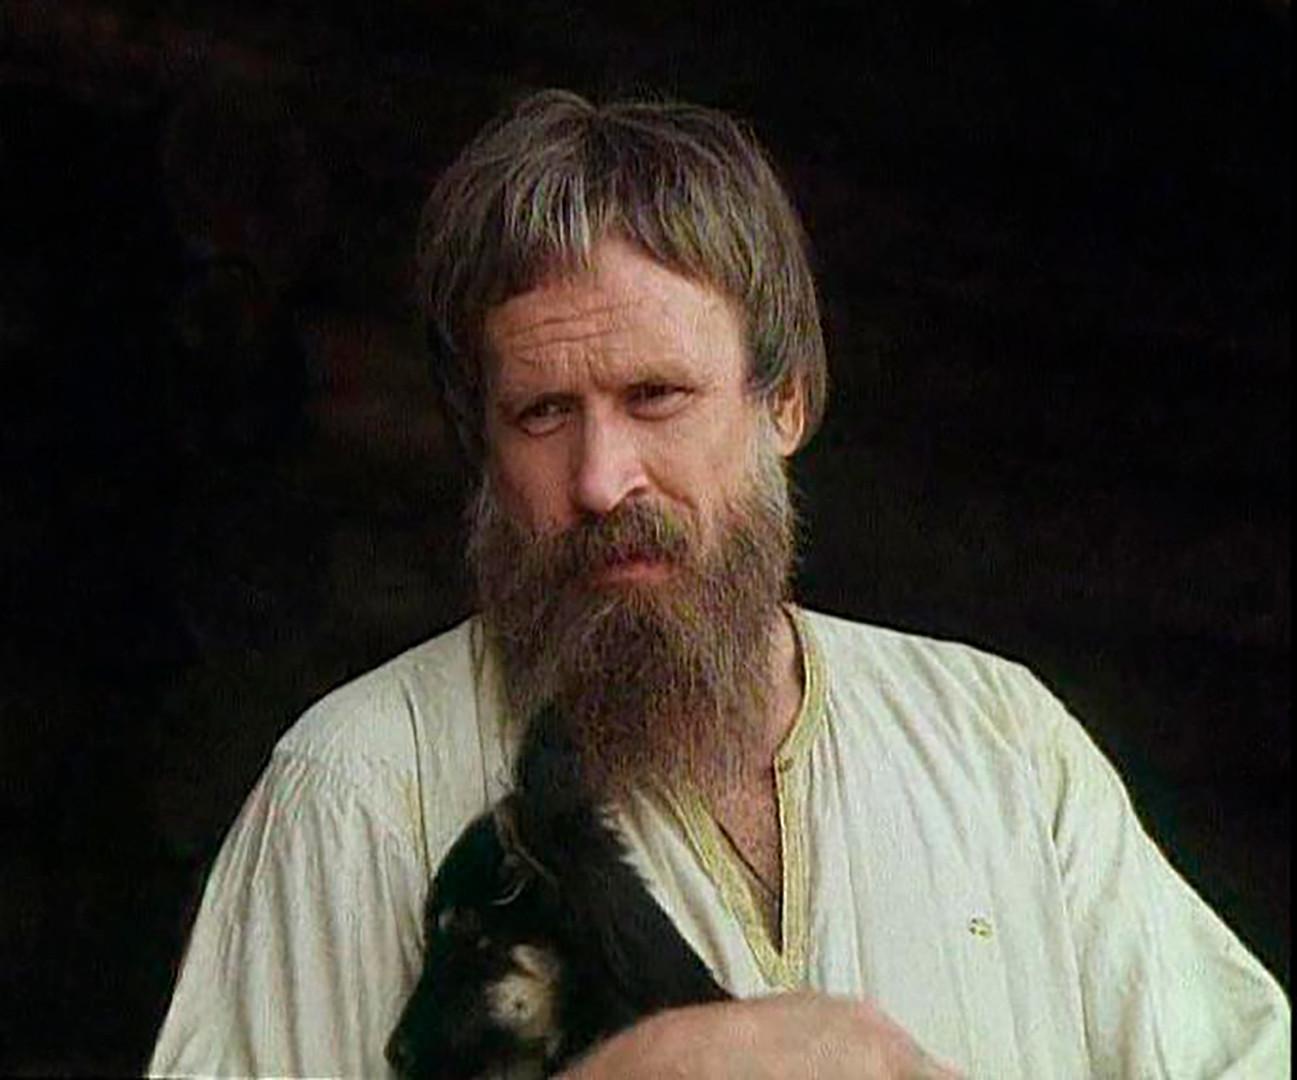 Boiardo Kurchka retratado no filme